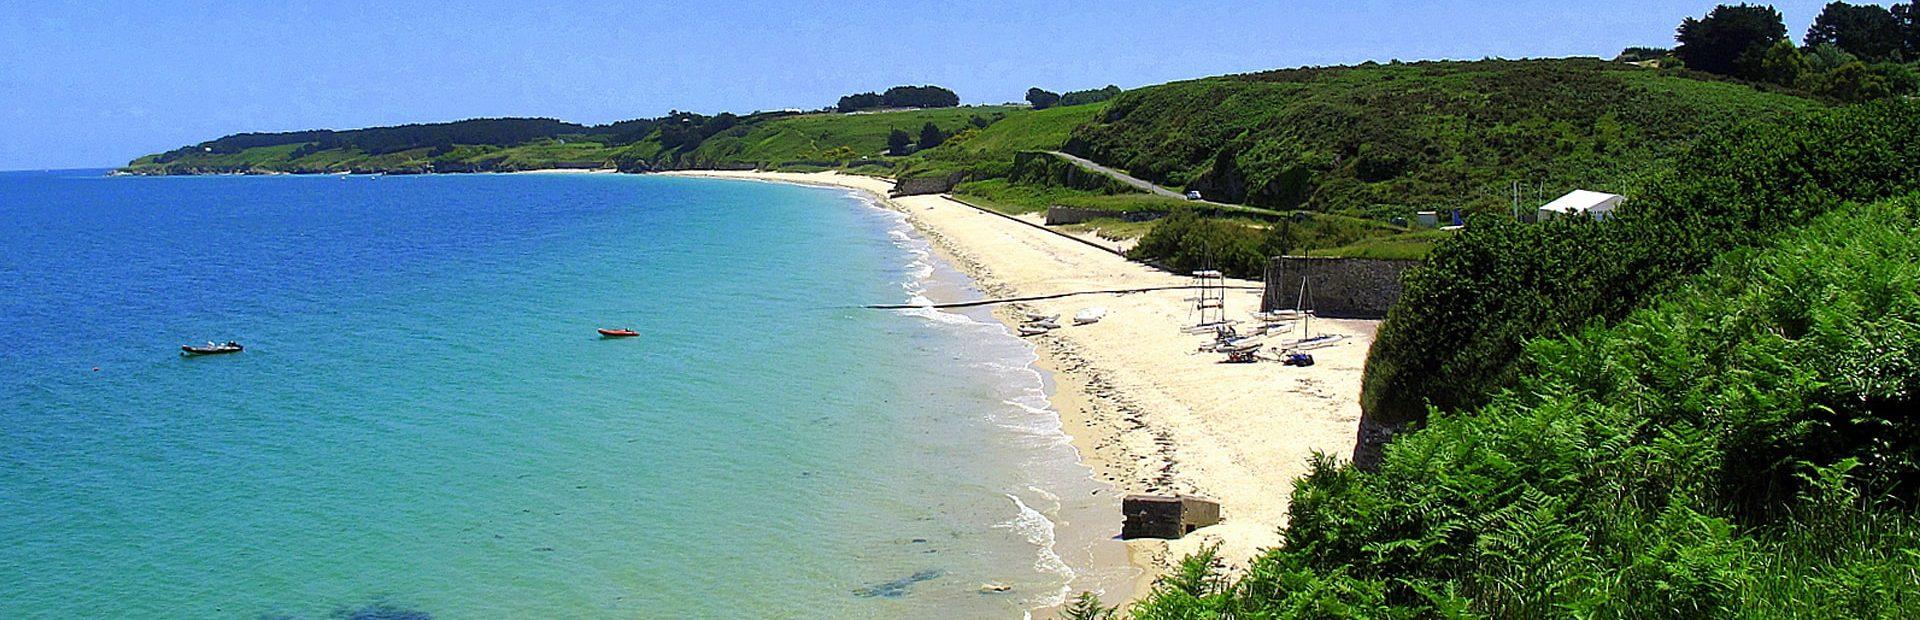 votre camping sur belle le en mer morbihan pour vos vacances en bretagne sud